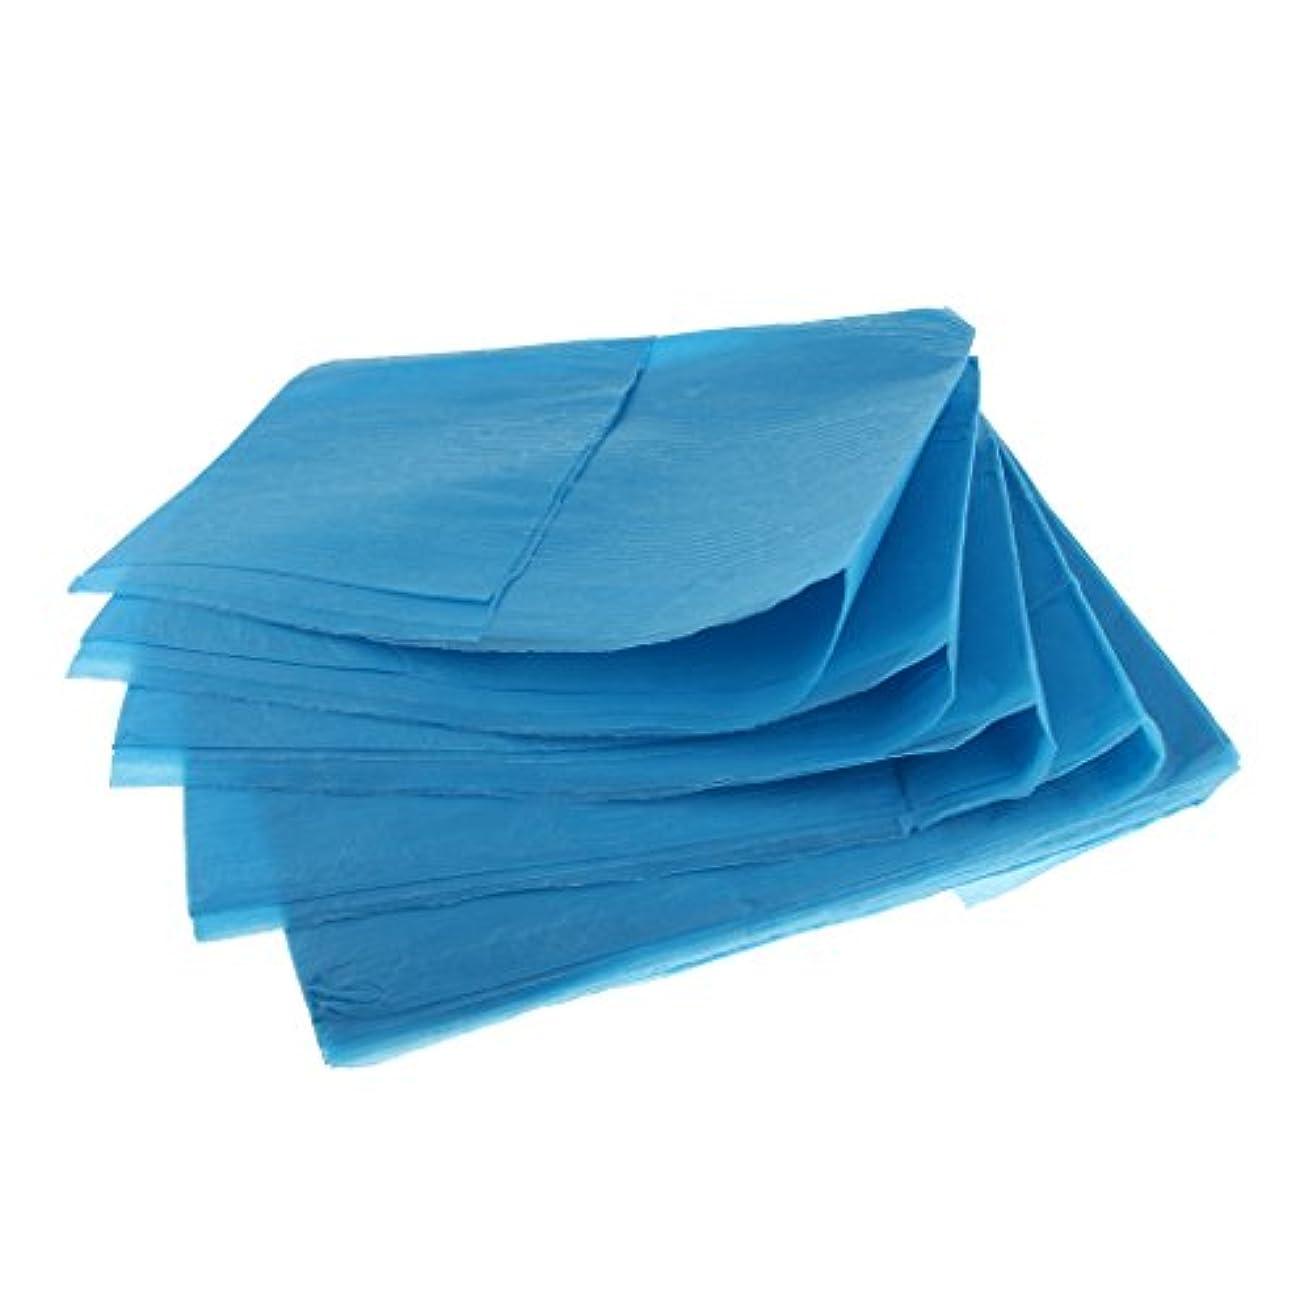 鷹単位腹10枚 使い捨て ベッドシーツ ベッドパッド カバー 妊産婦 生理期間 スキンケア 美容院 サロン ホテル 2色選べ - 青